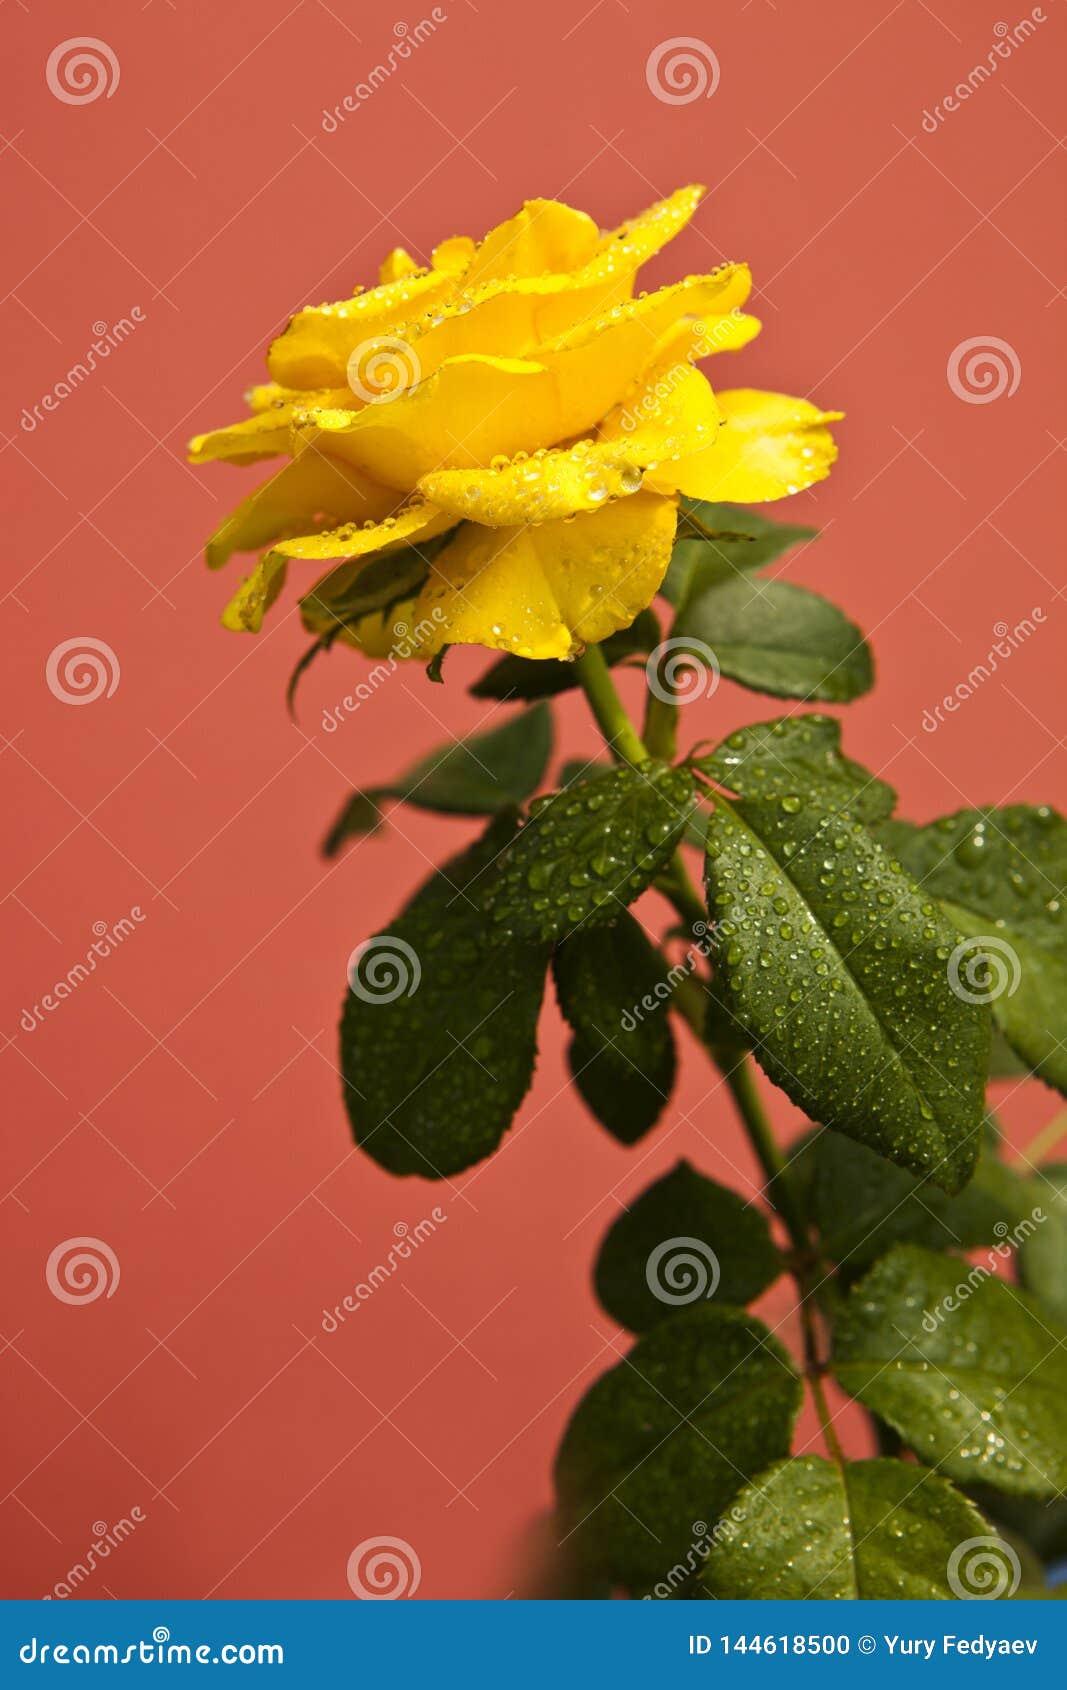 在桃红色背景,玫瑰意味的黄色玫瑰明亮,快乐和快乐造成温暖的感觉和提供幸福